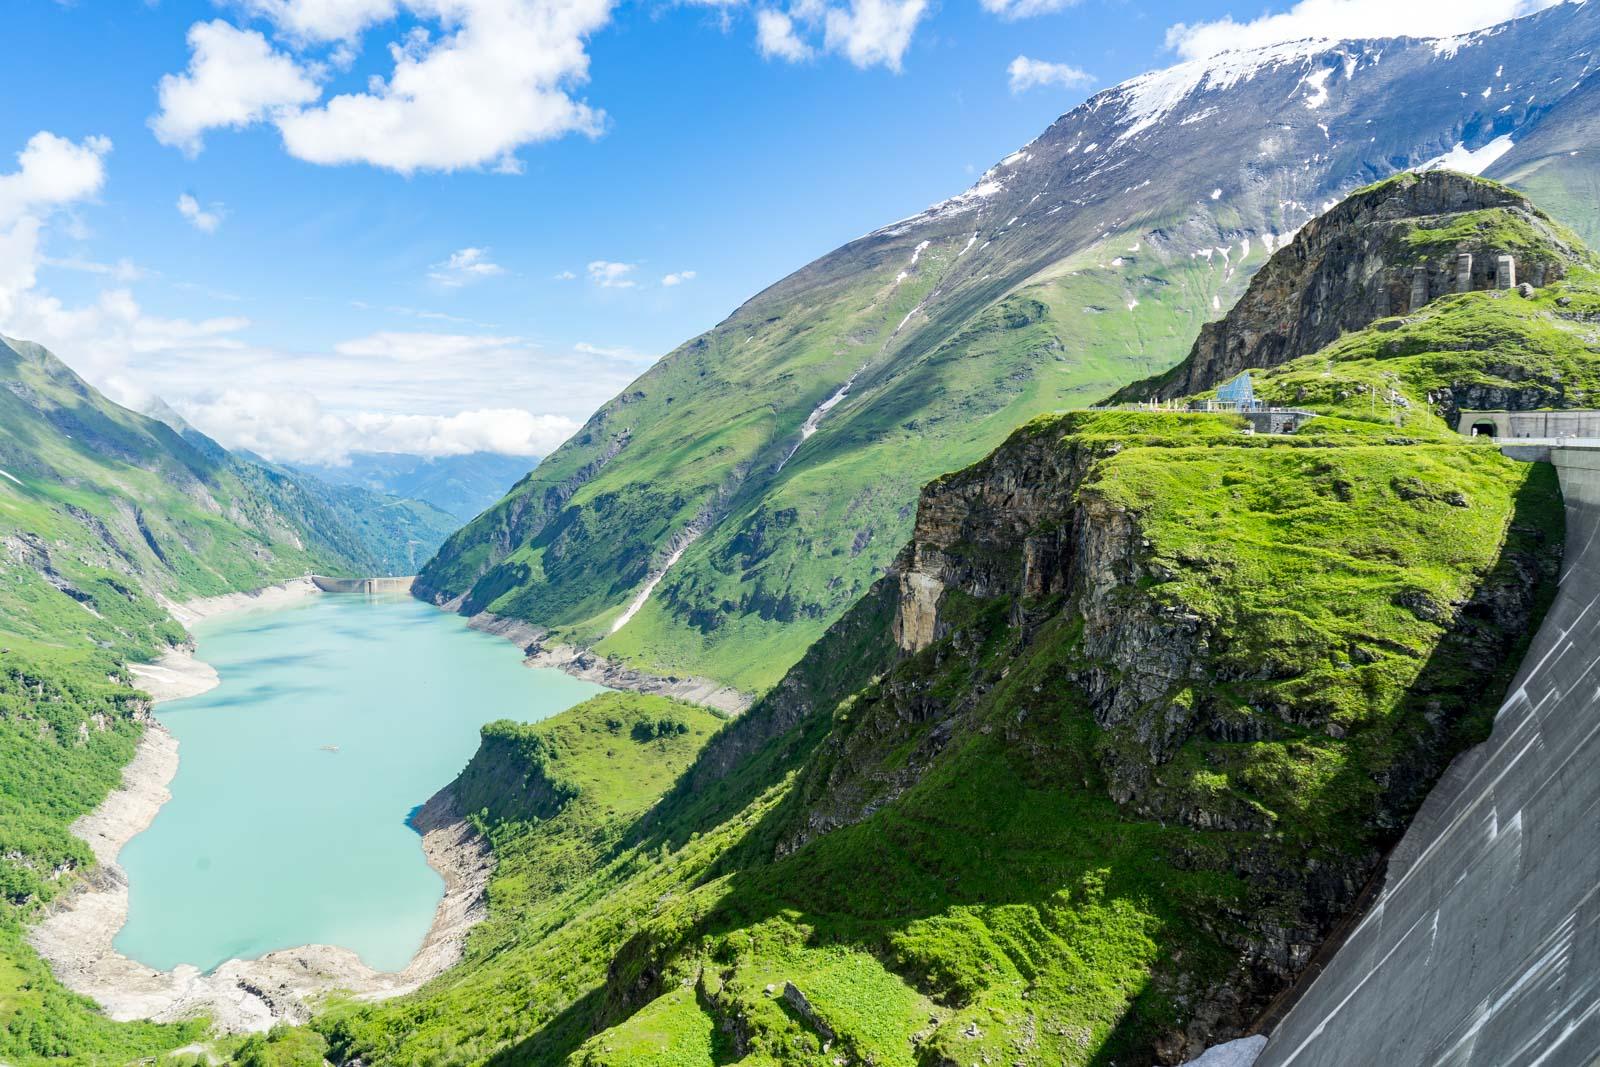 Hiking the dams above Kaprun, Zell am See, Austria